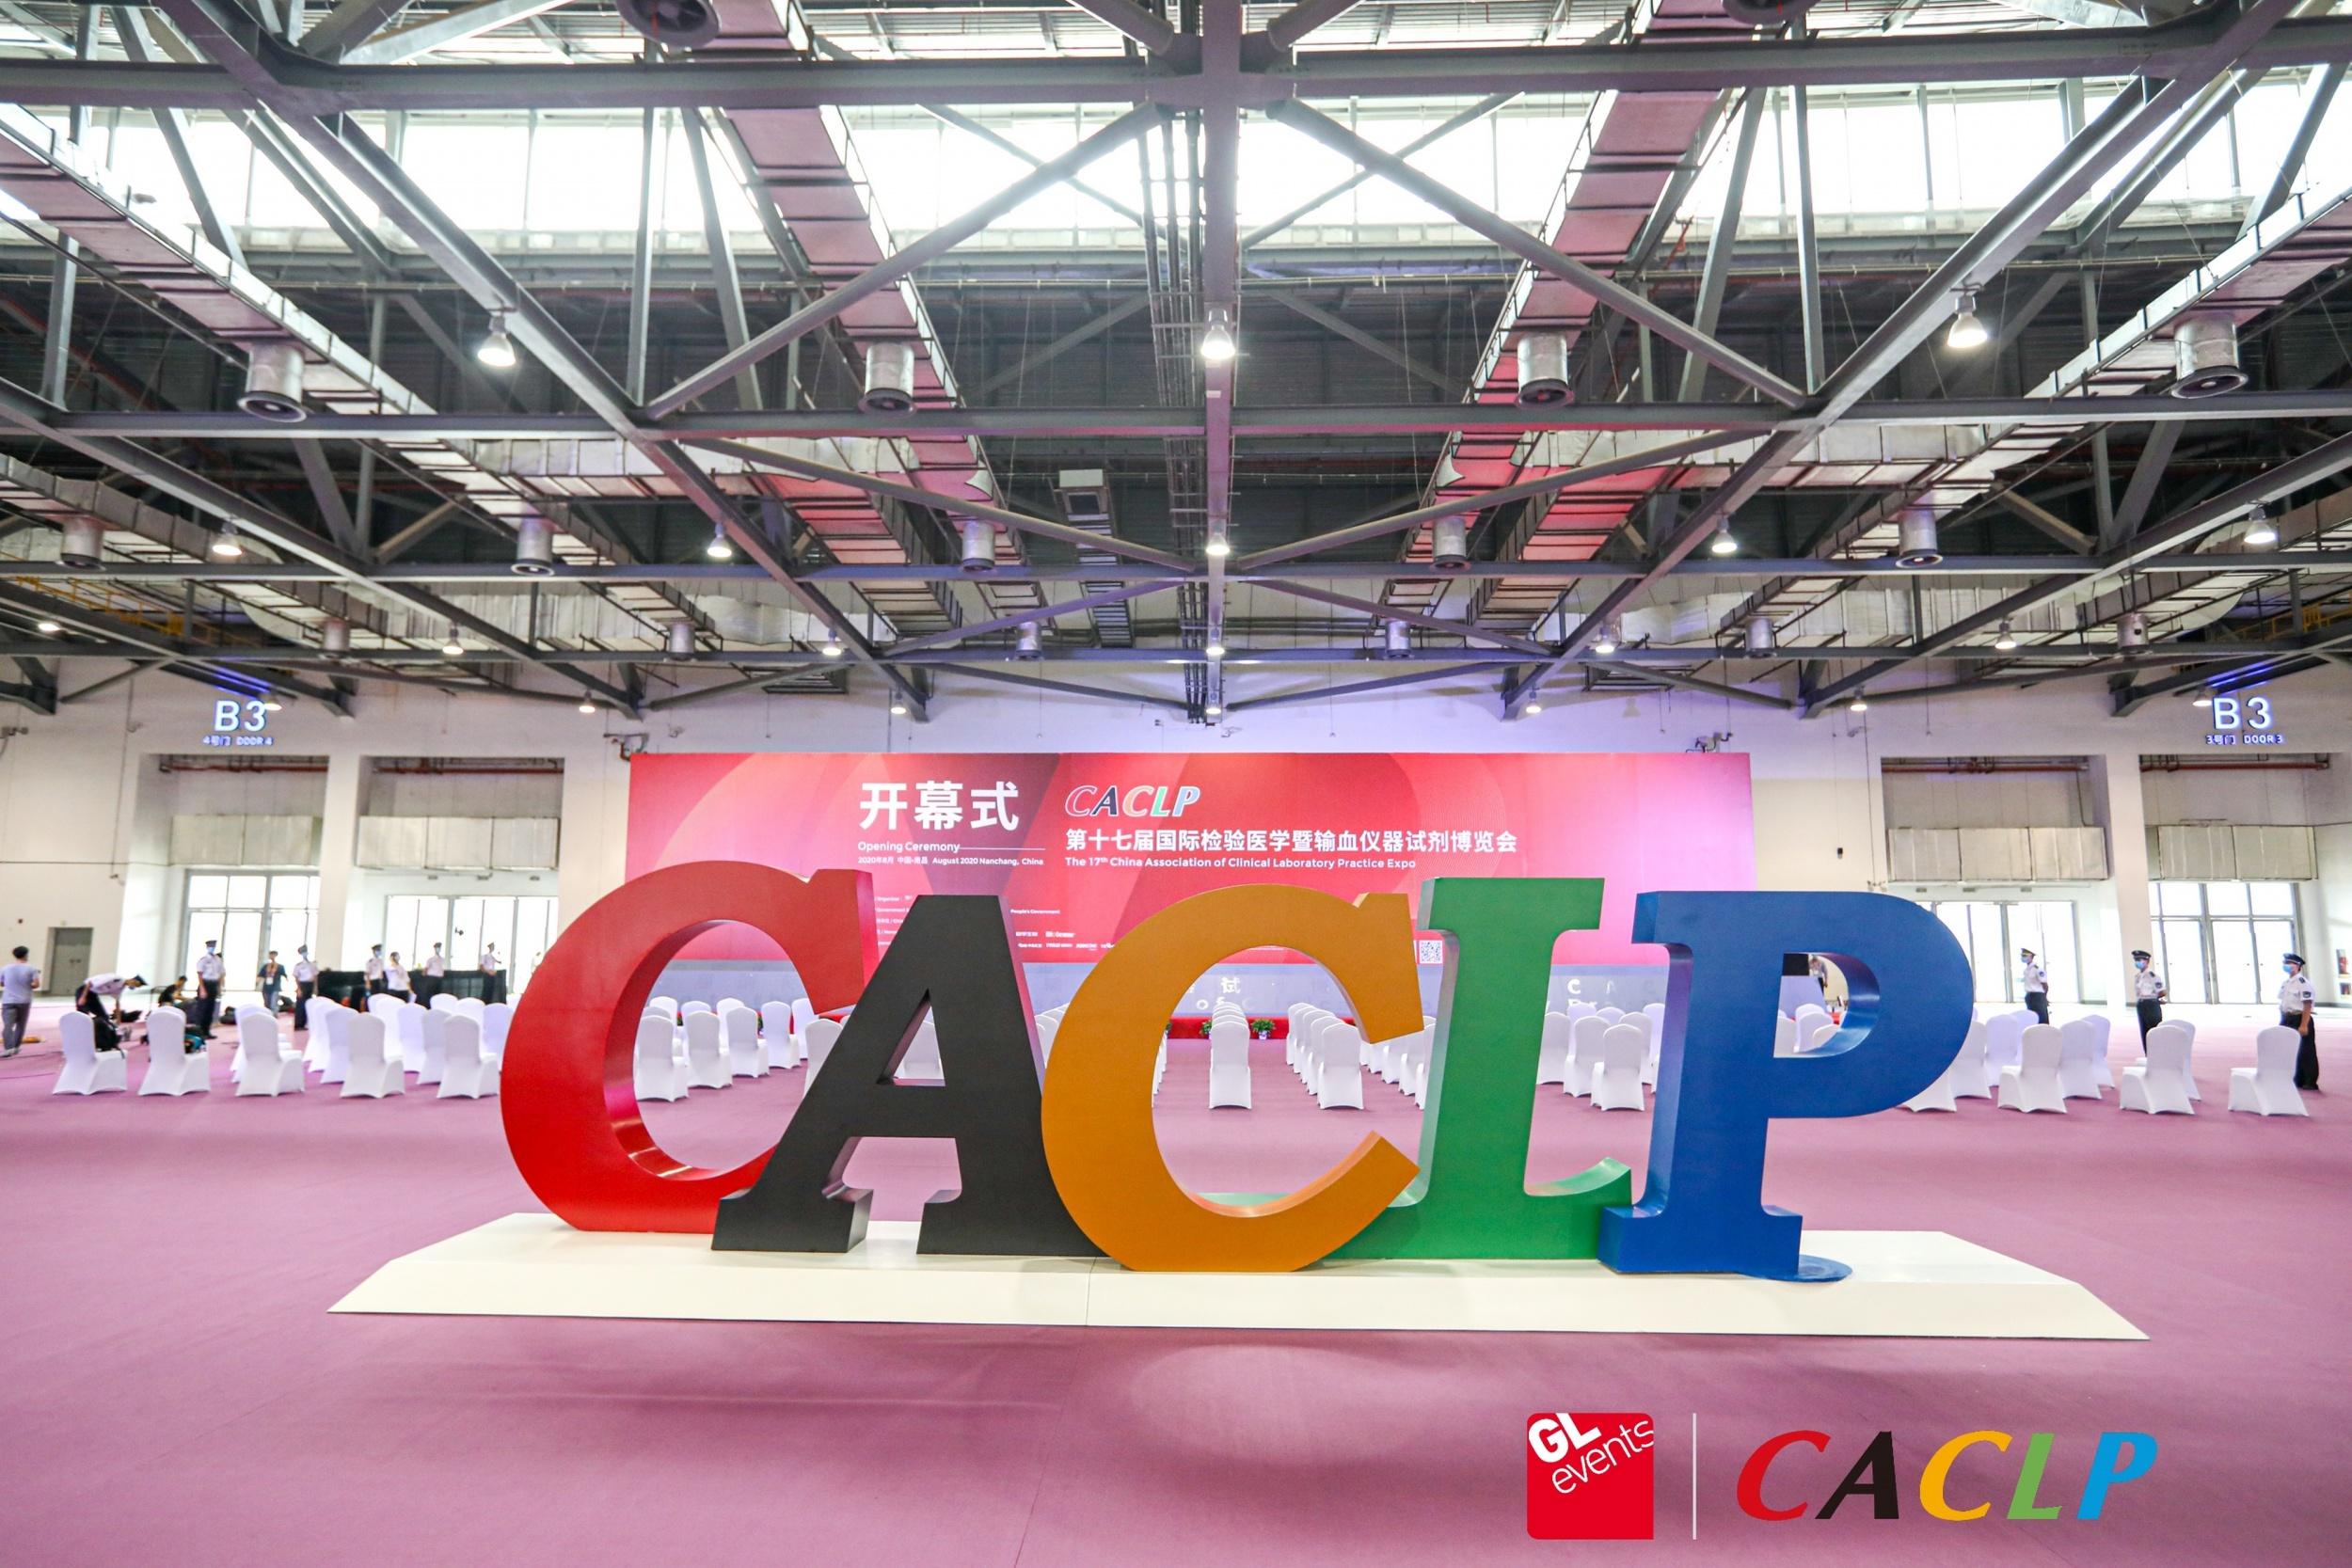 CACLP现场 |新葡亰展台现场...